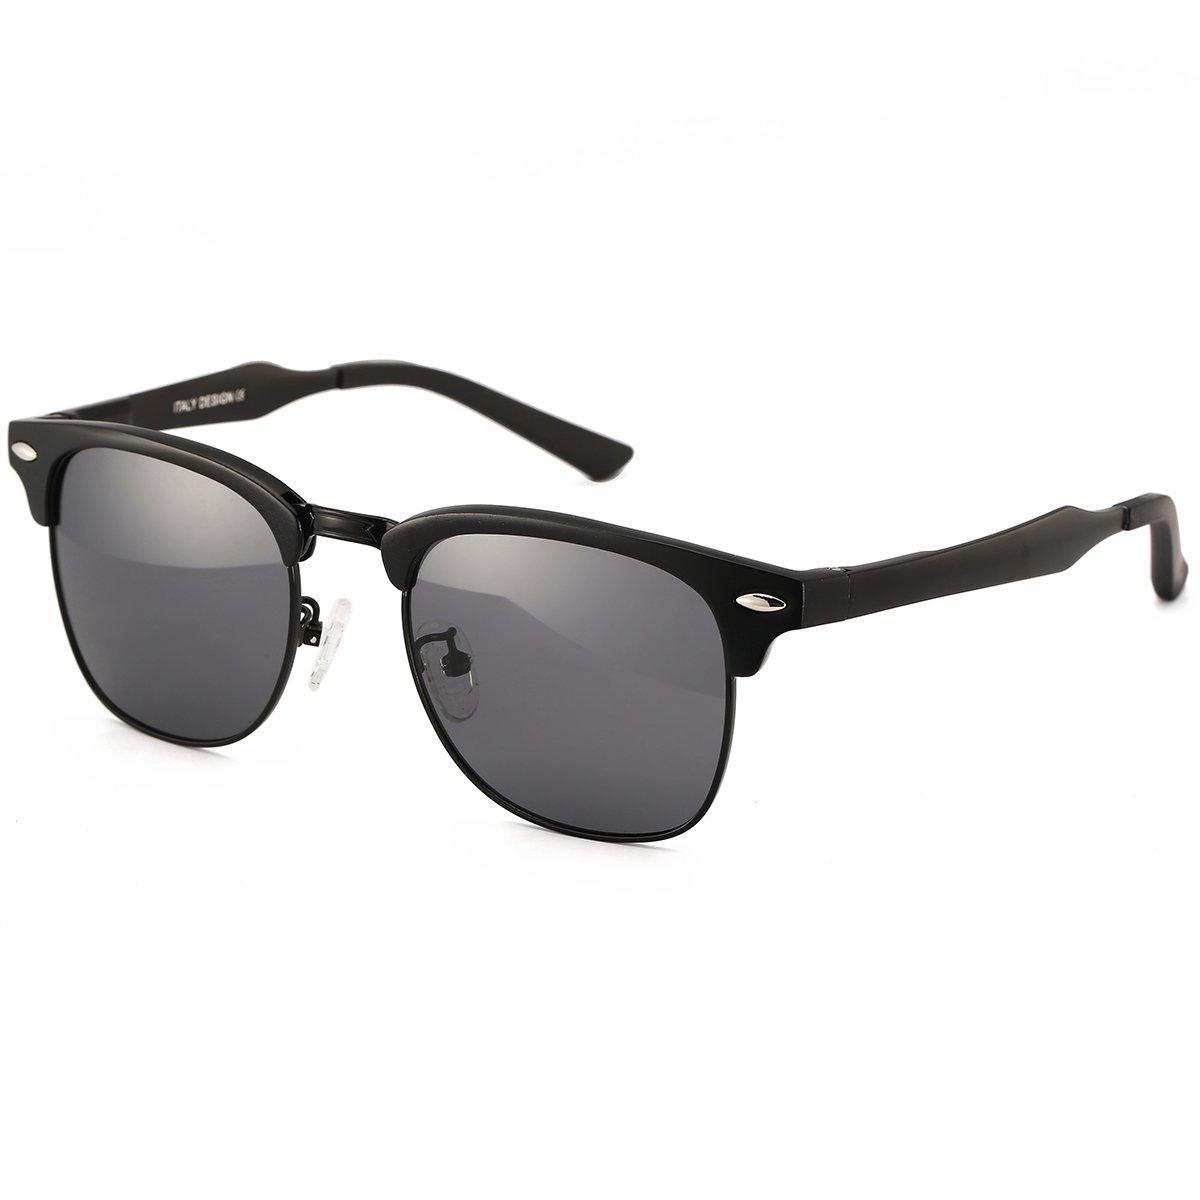 642227b50b9 Amazon.com  Dollger Classic Square Half Frame Sunglasses Mens Black Horn  Rimmed Glasses for UV Eye Protection  Clothing